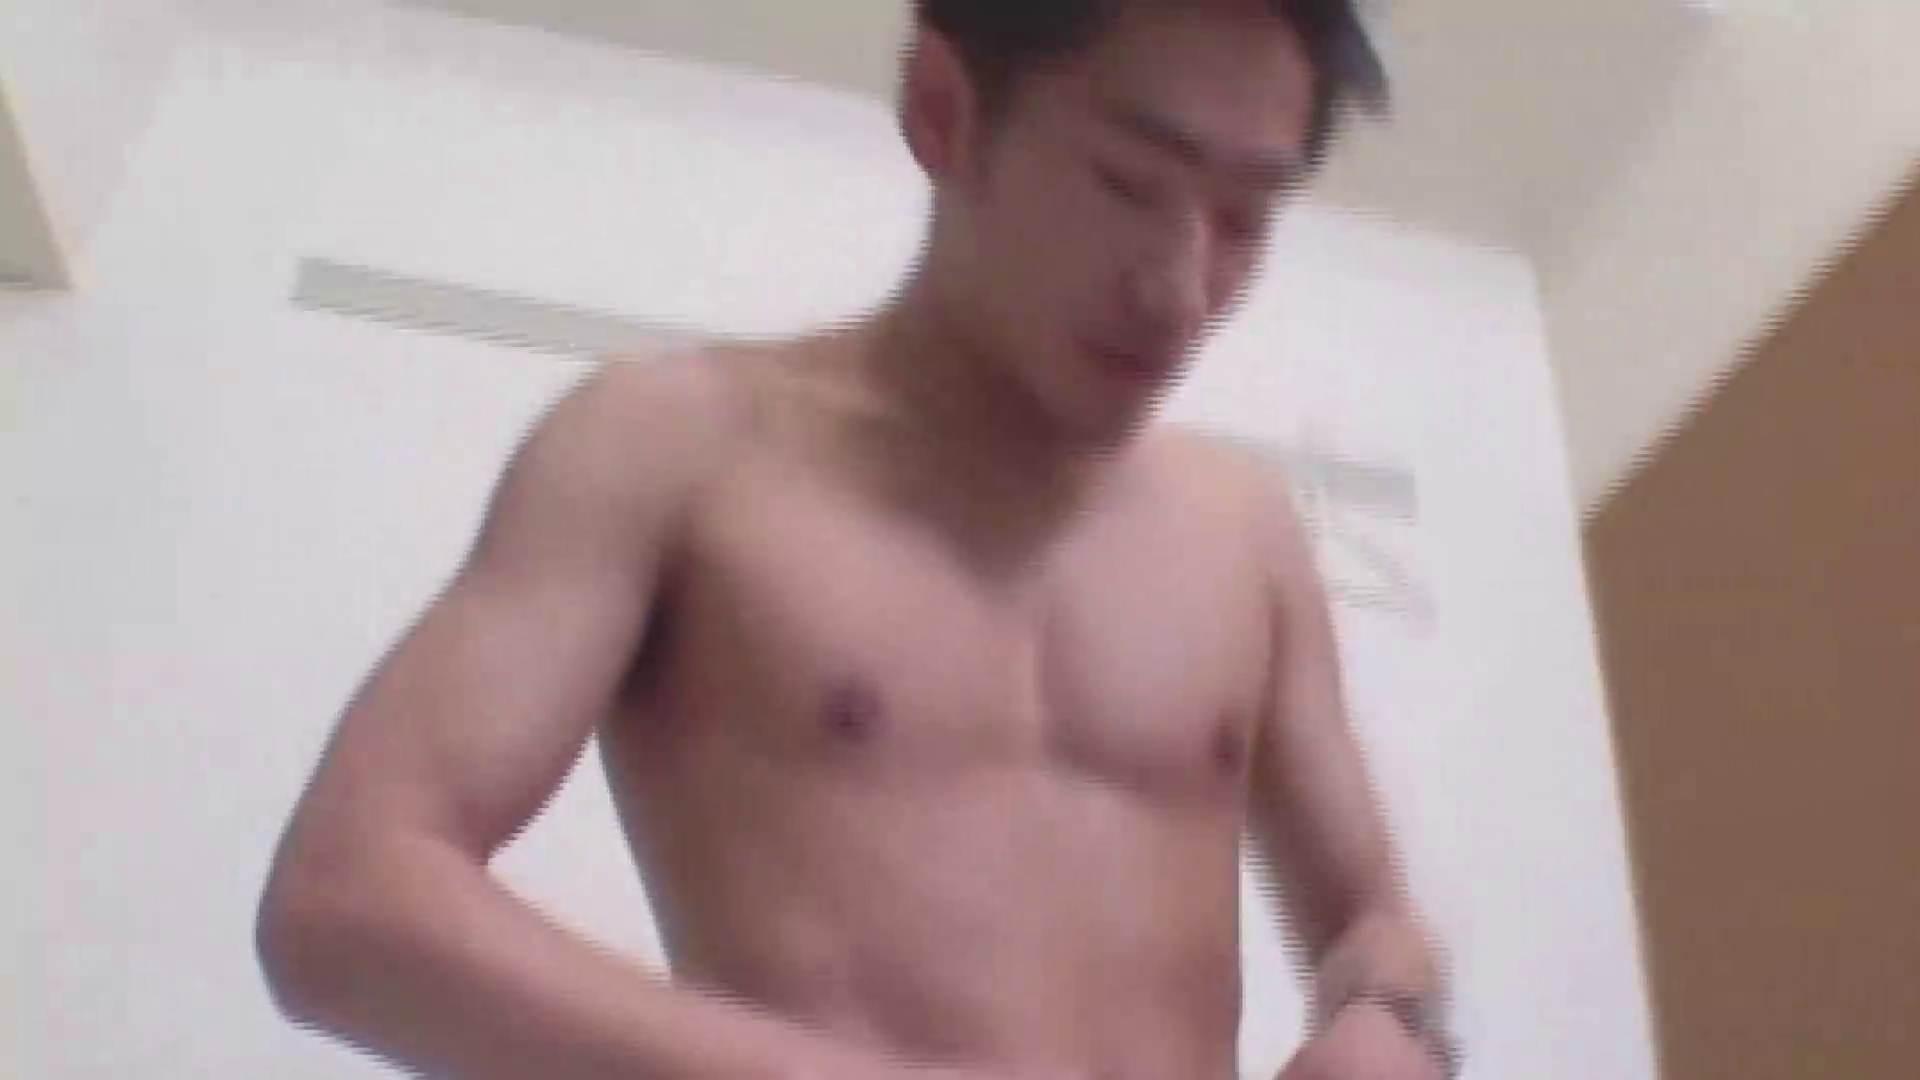 男がフェラされる メンズのブリーフ ゲイSEX画像 74画像 3